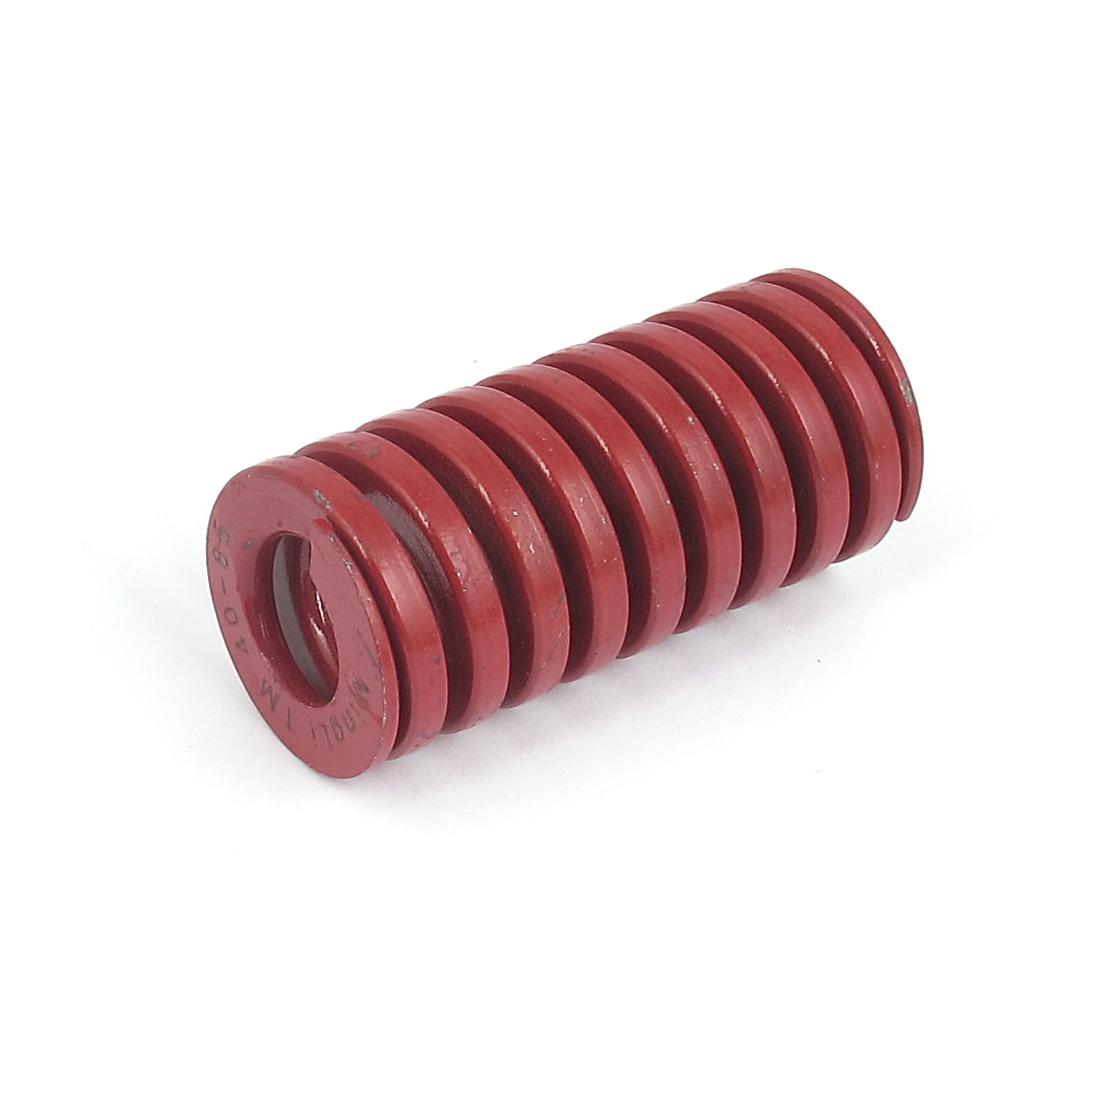 40mmx85mm Chromium Alloy Steel Medium Load Die Spring Red